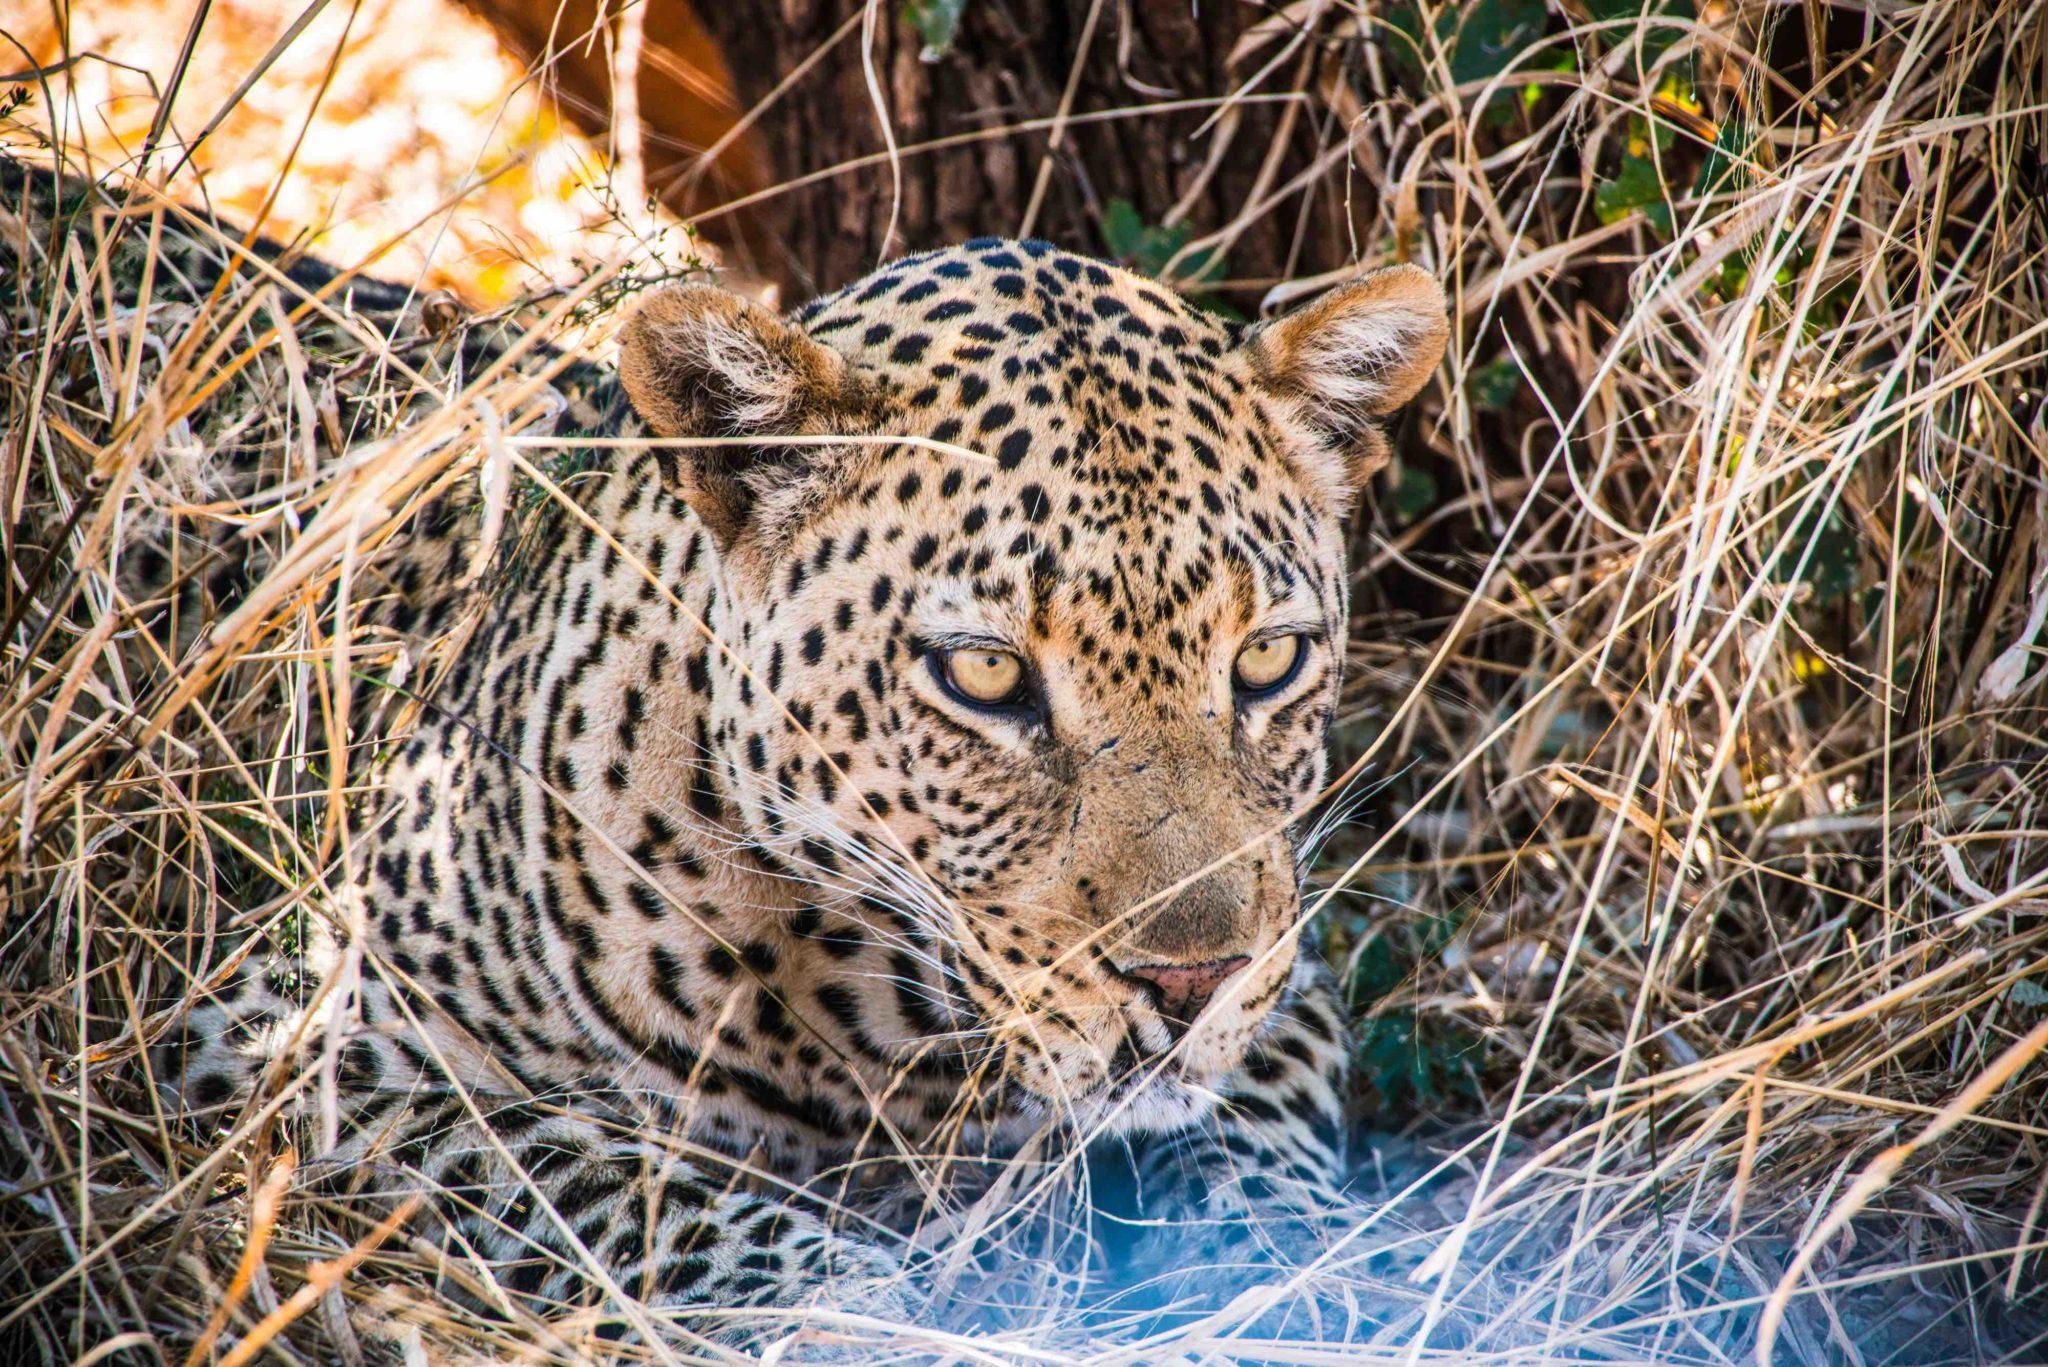 Zugreise mit Rovos Rail in Afrika. Nahaufnahme von einem Leopard im Gras während Safari.